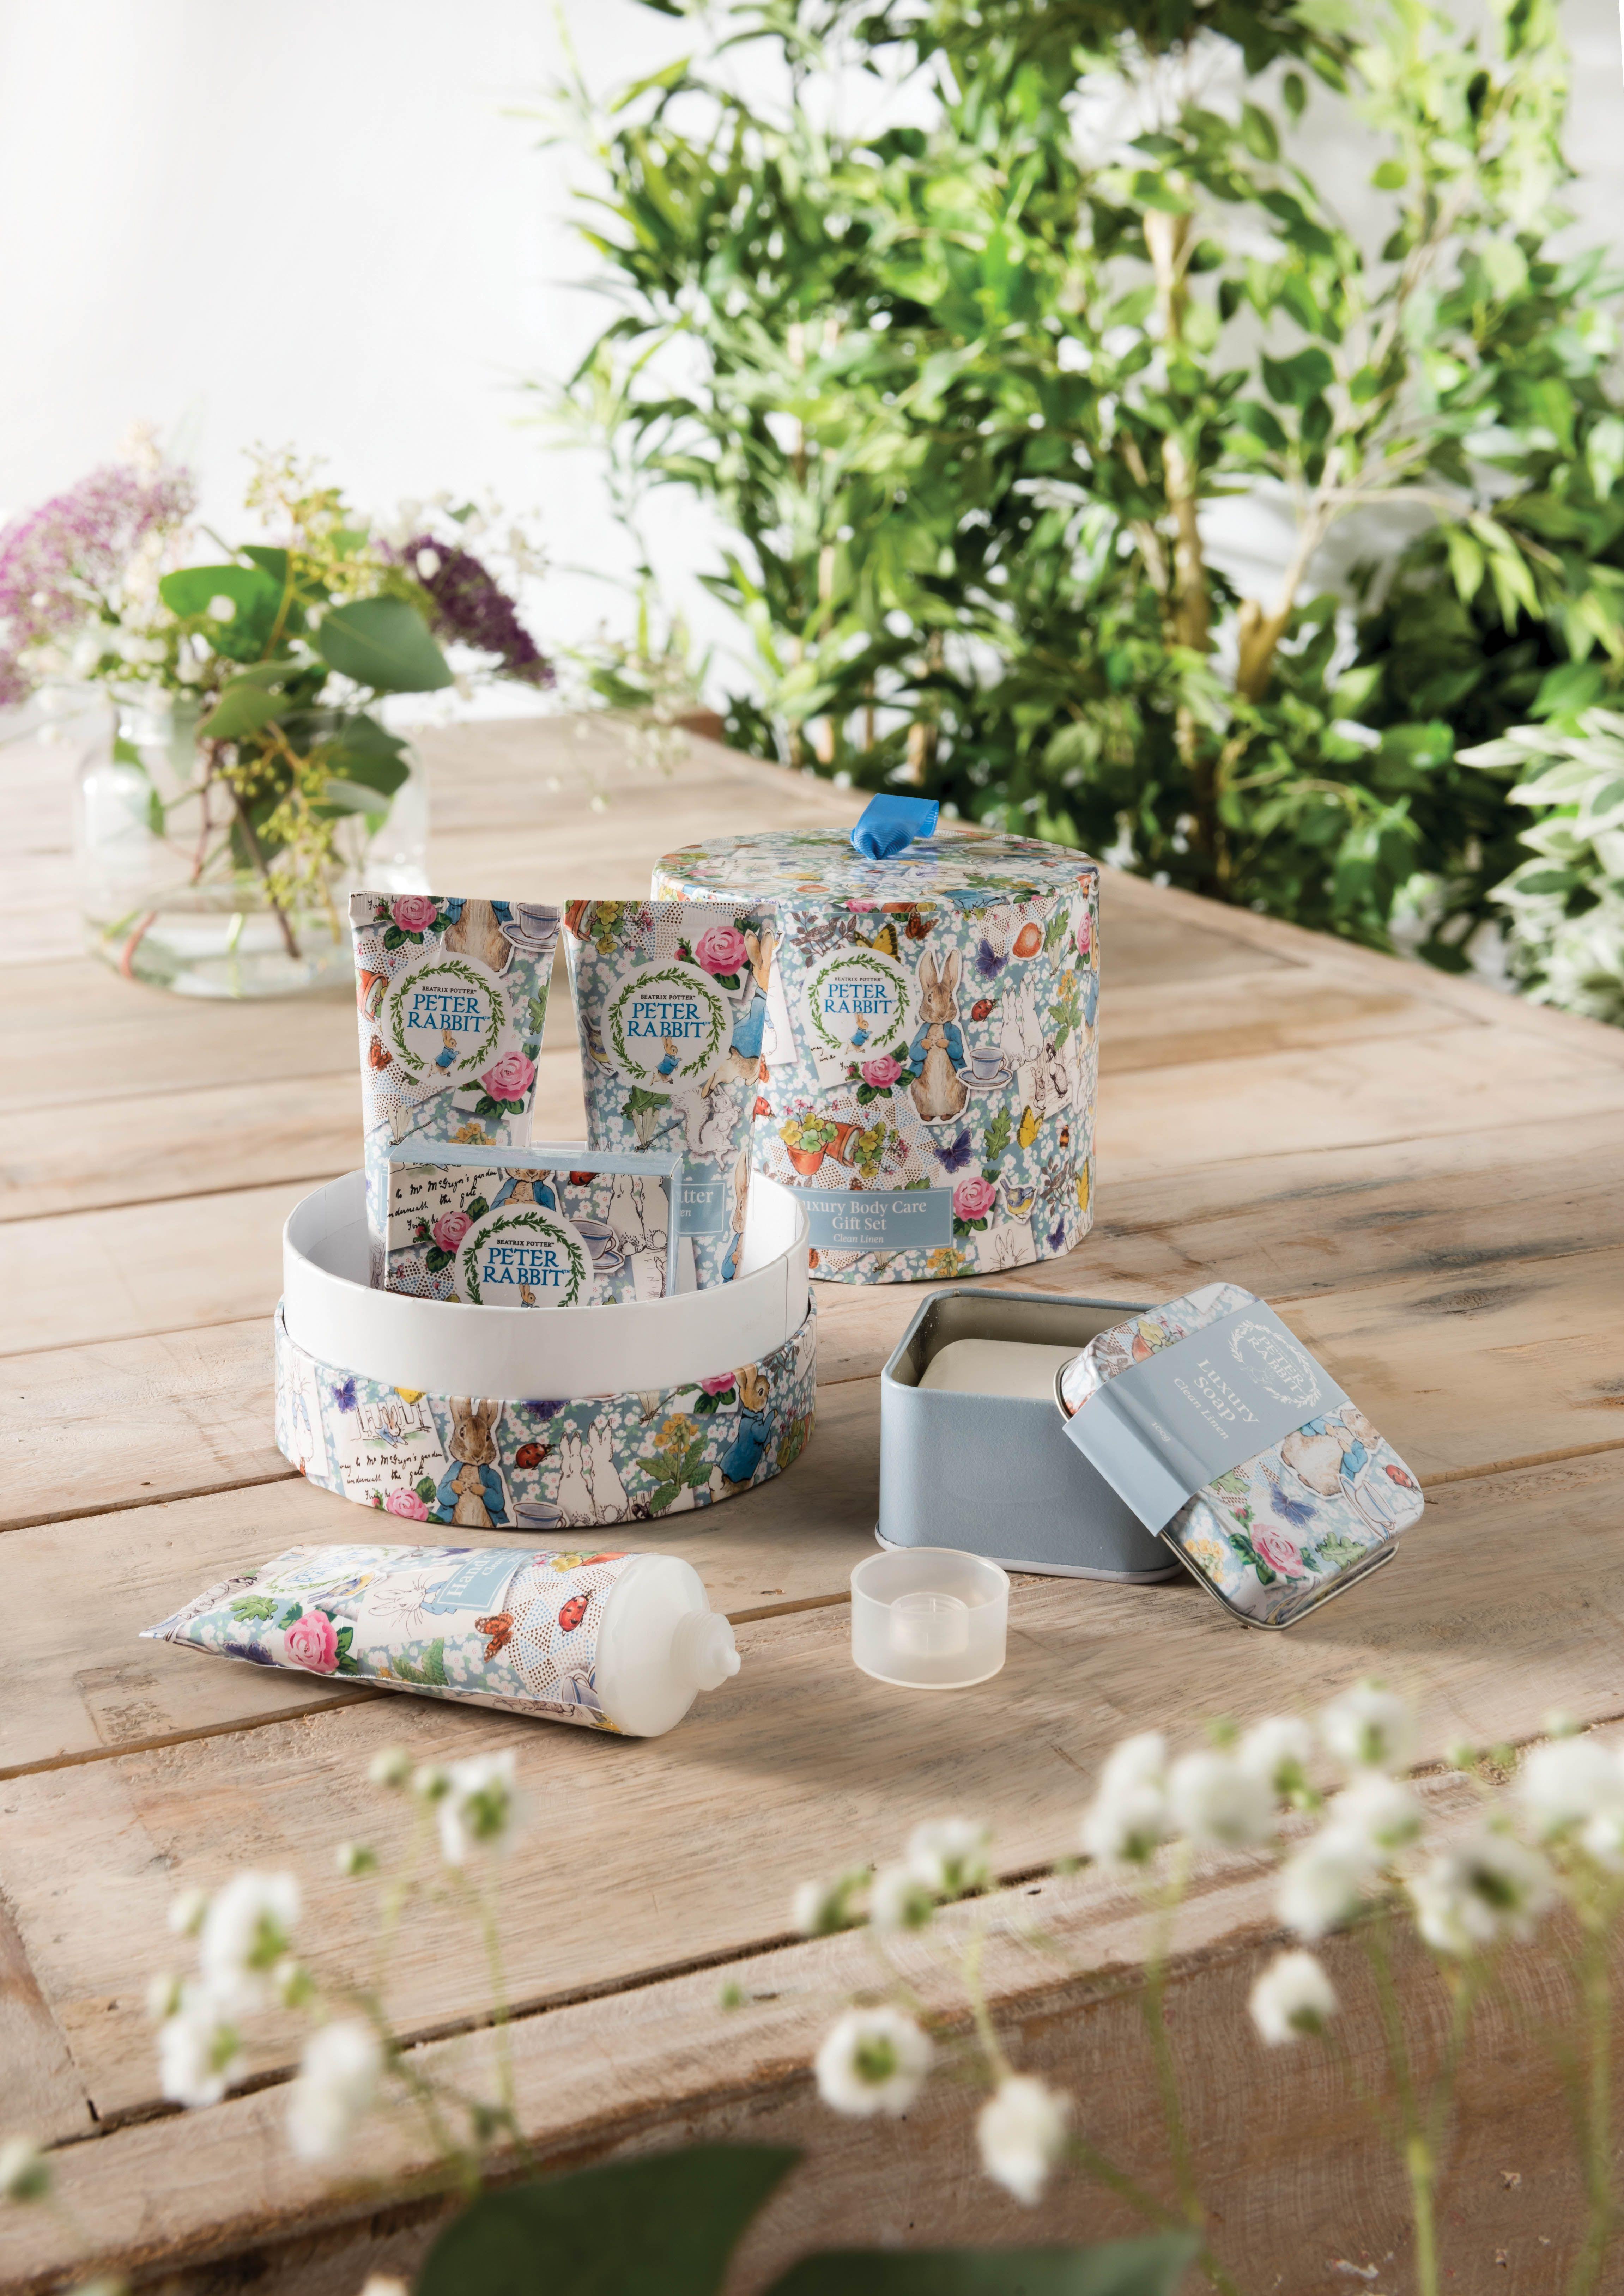 Beatrix Potter Peter Rabbit Gift Set in 2018 | Beatrix Potter Gifts | Gifts, Beatrix potter, Peter rabbit gifts